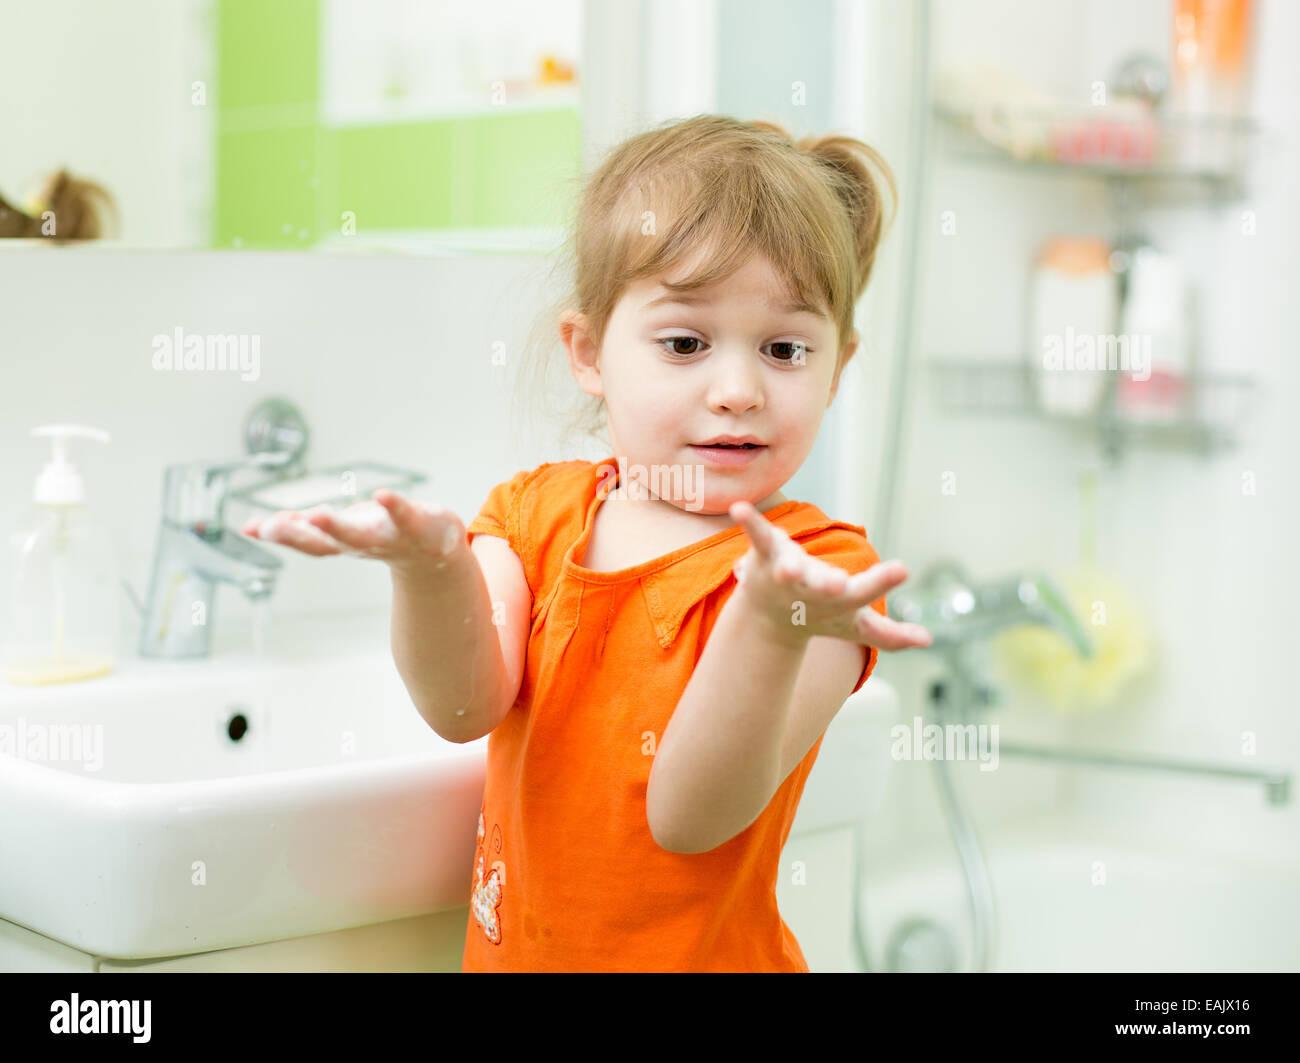 Lustige kleine Mädchen Händewaschen im Badezimmer Stockfoto, Bild ...